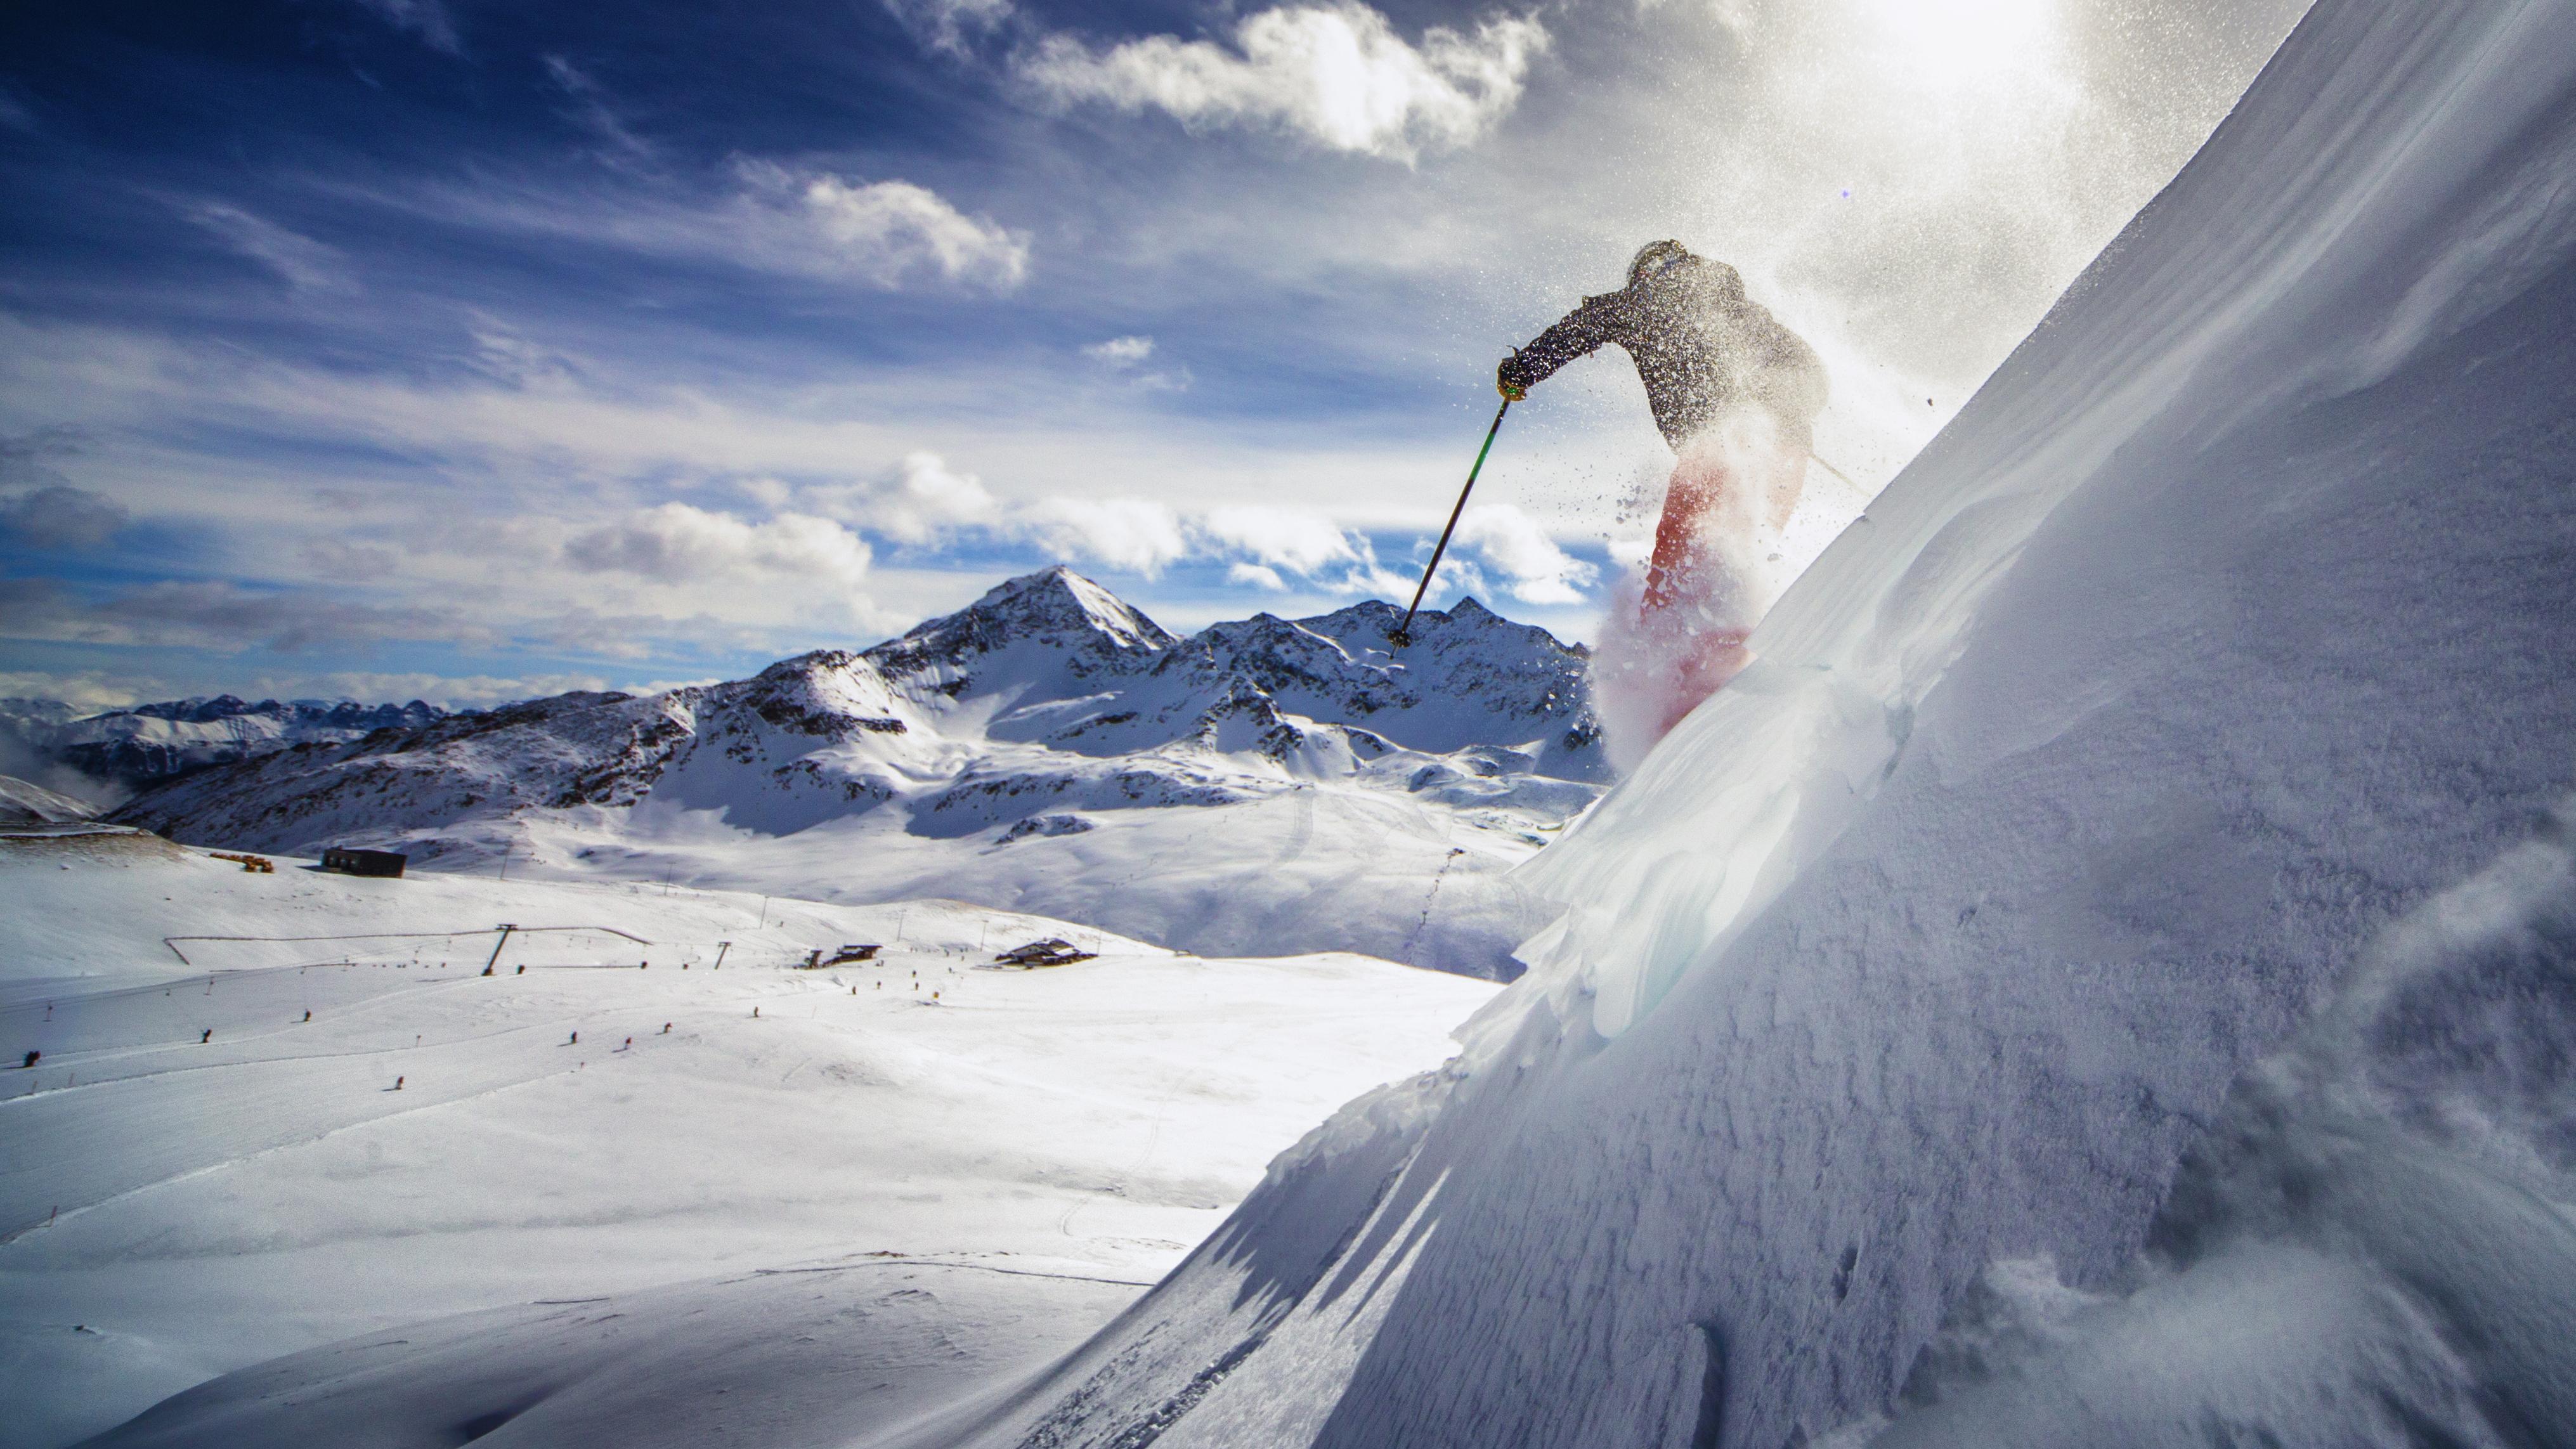 Skiier going down mountain